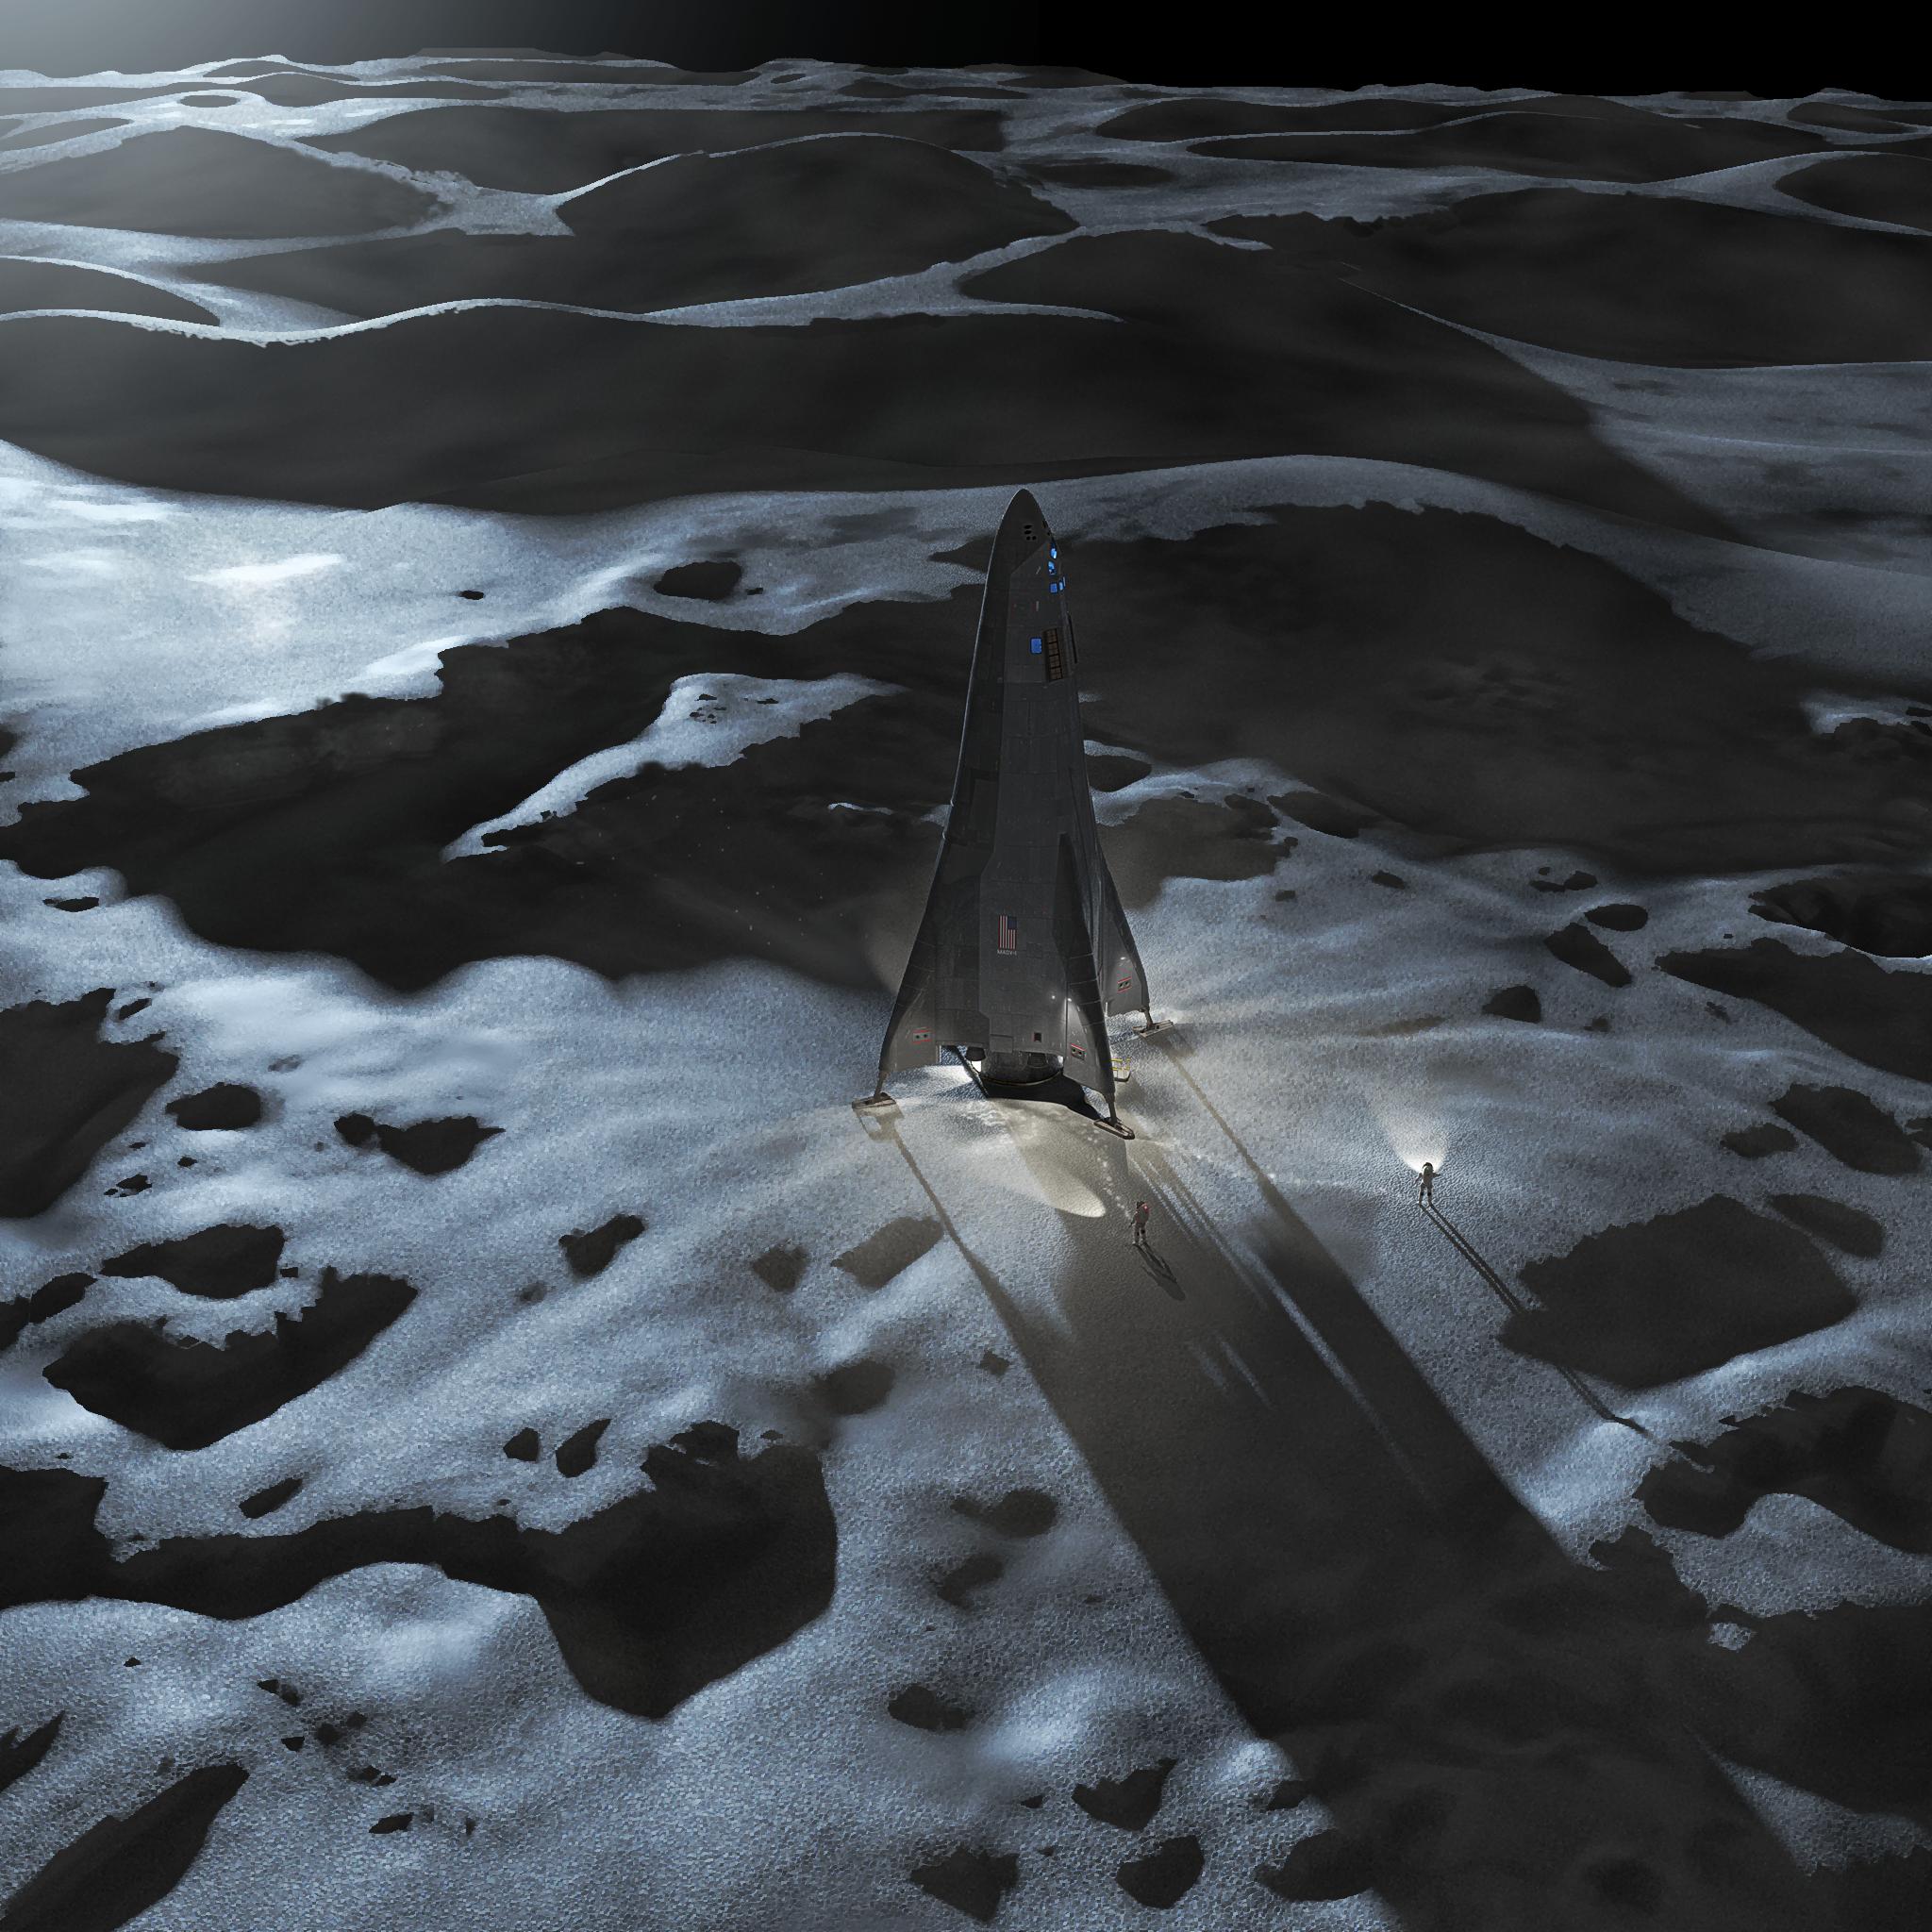 MADV at Lunar Pole nonasa